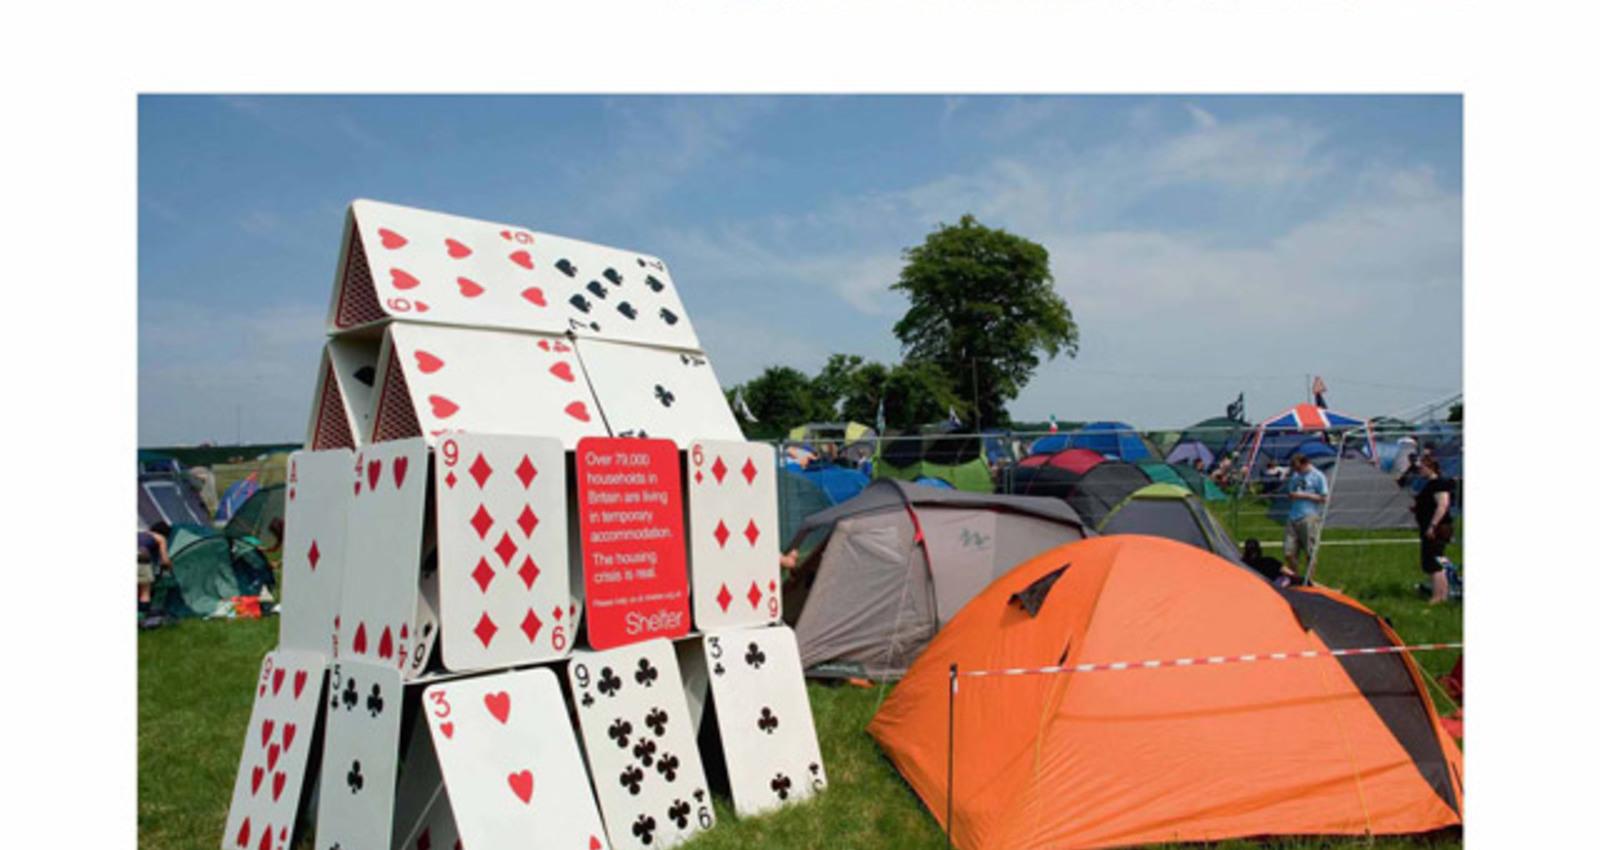 House of Cards - Glastonbury